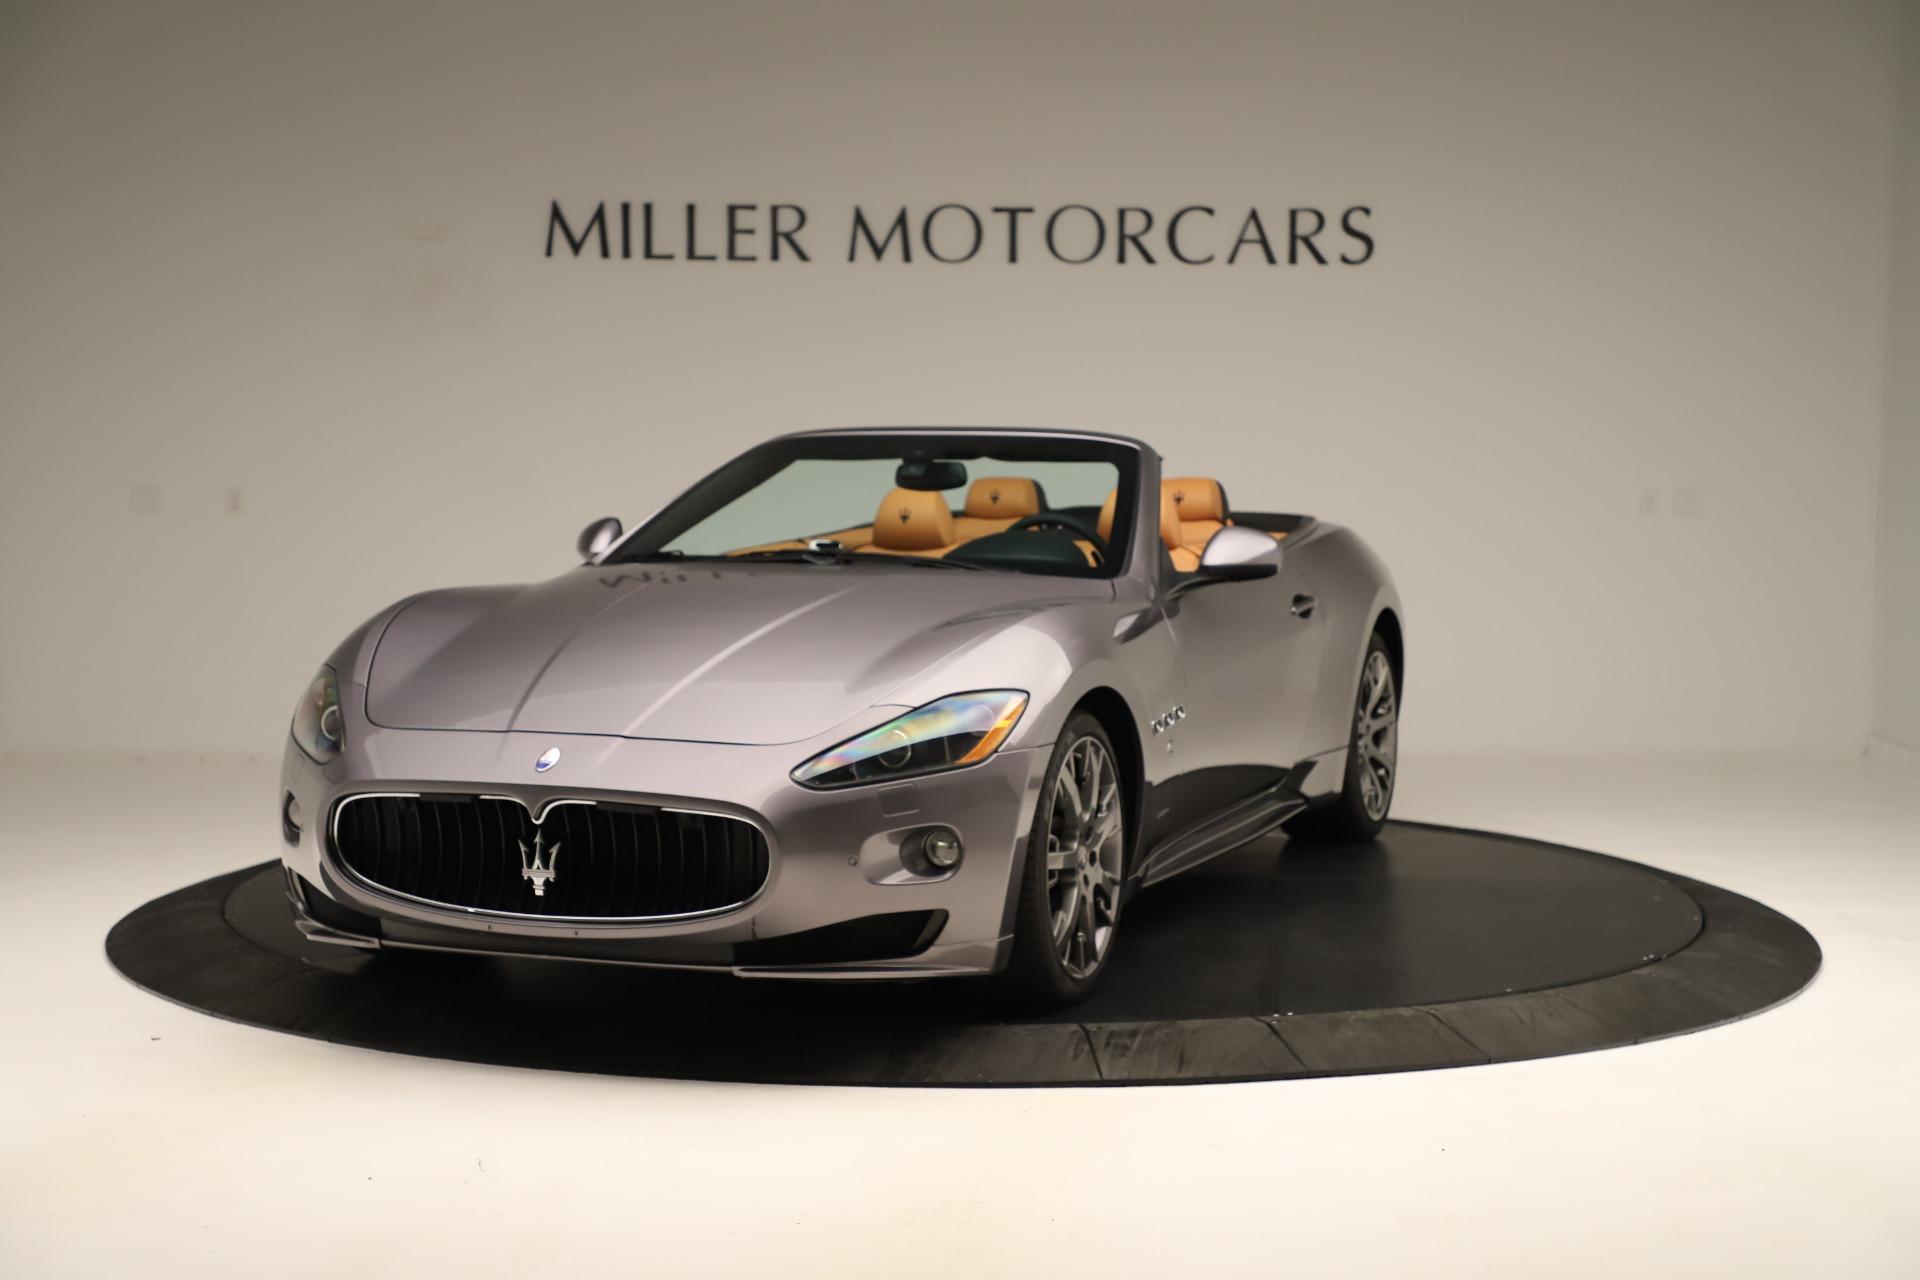 Used 2012 Maserati GranTurismo Sport for sale Sold at Maserati of Greenwich in Greenwich CT 06830 1